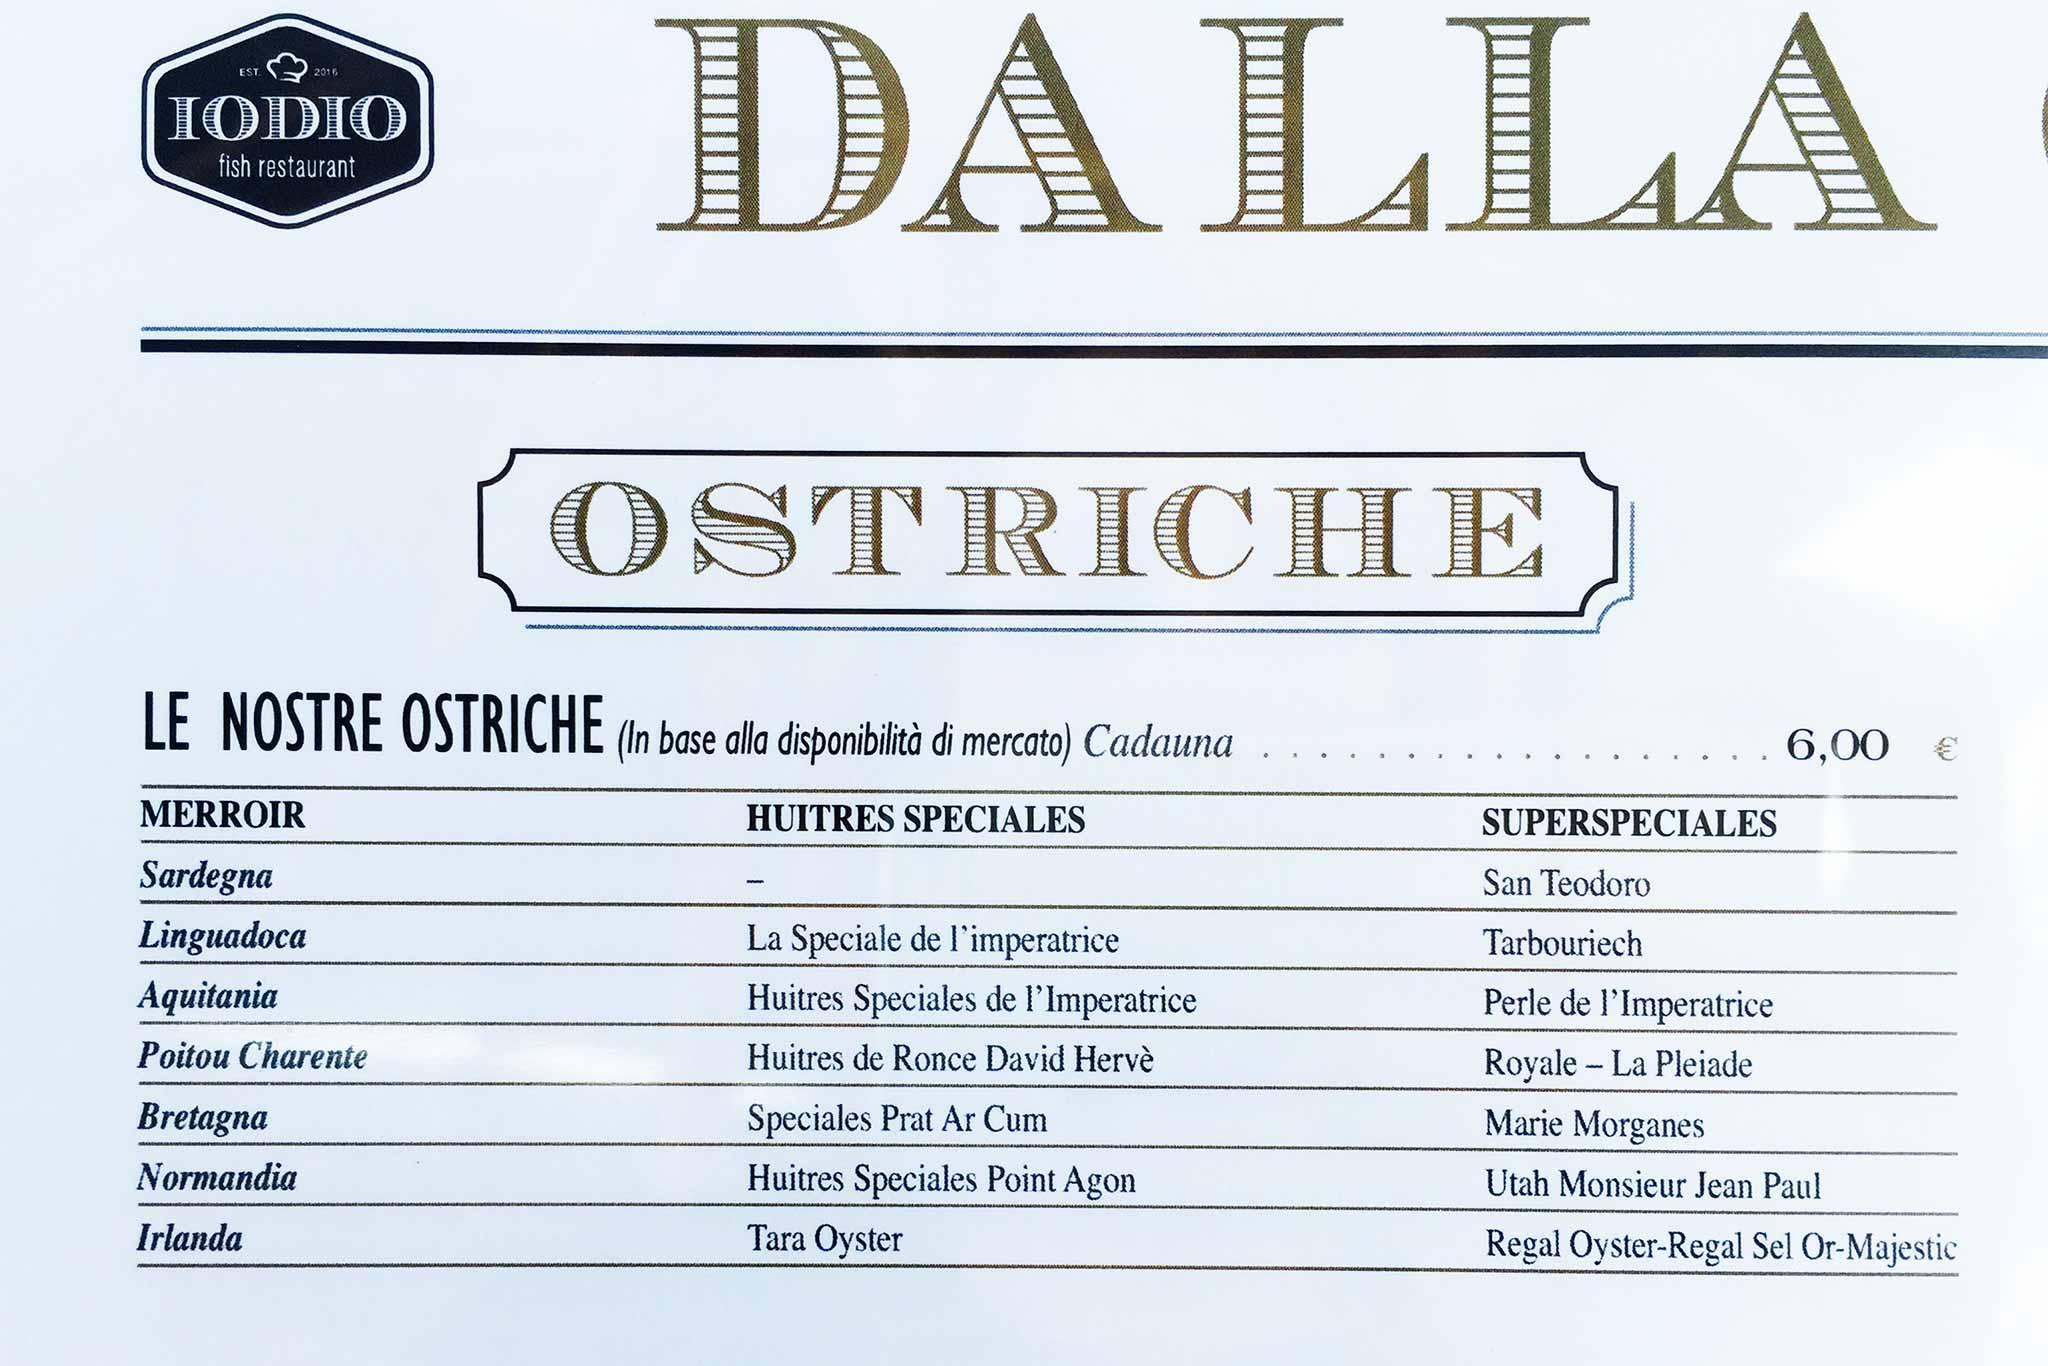 ostriche-iodio